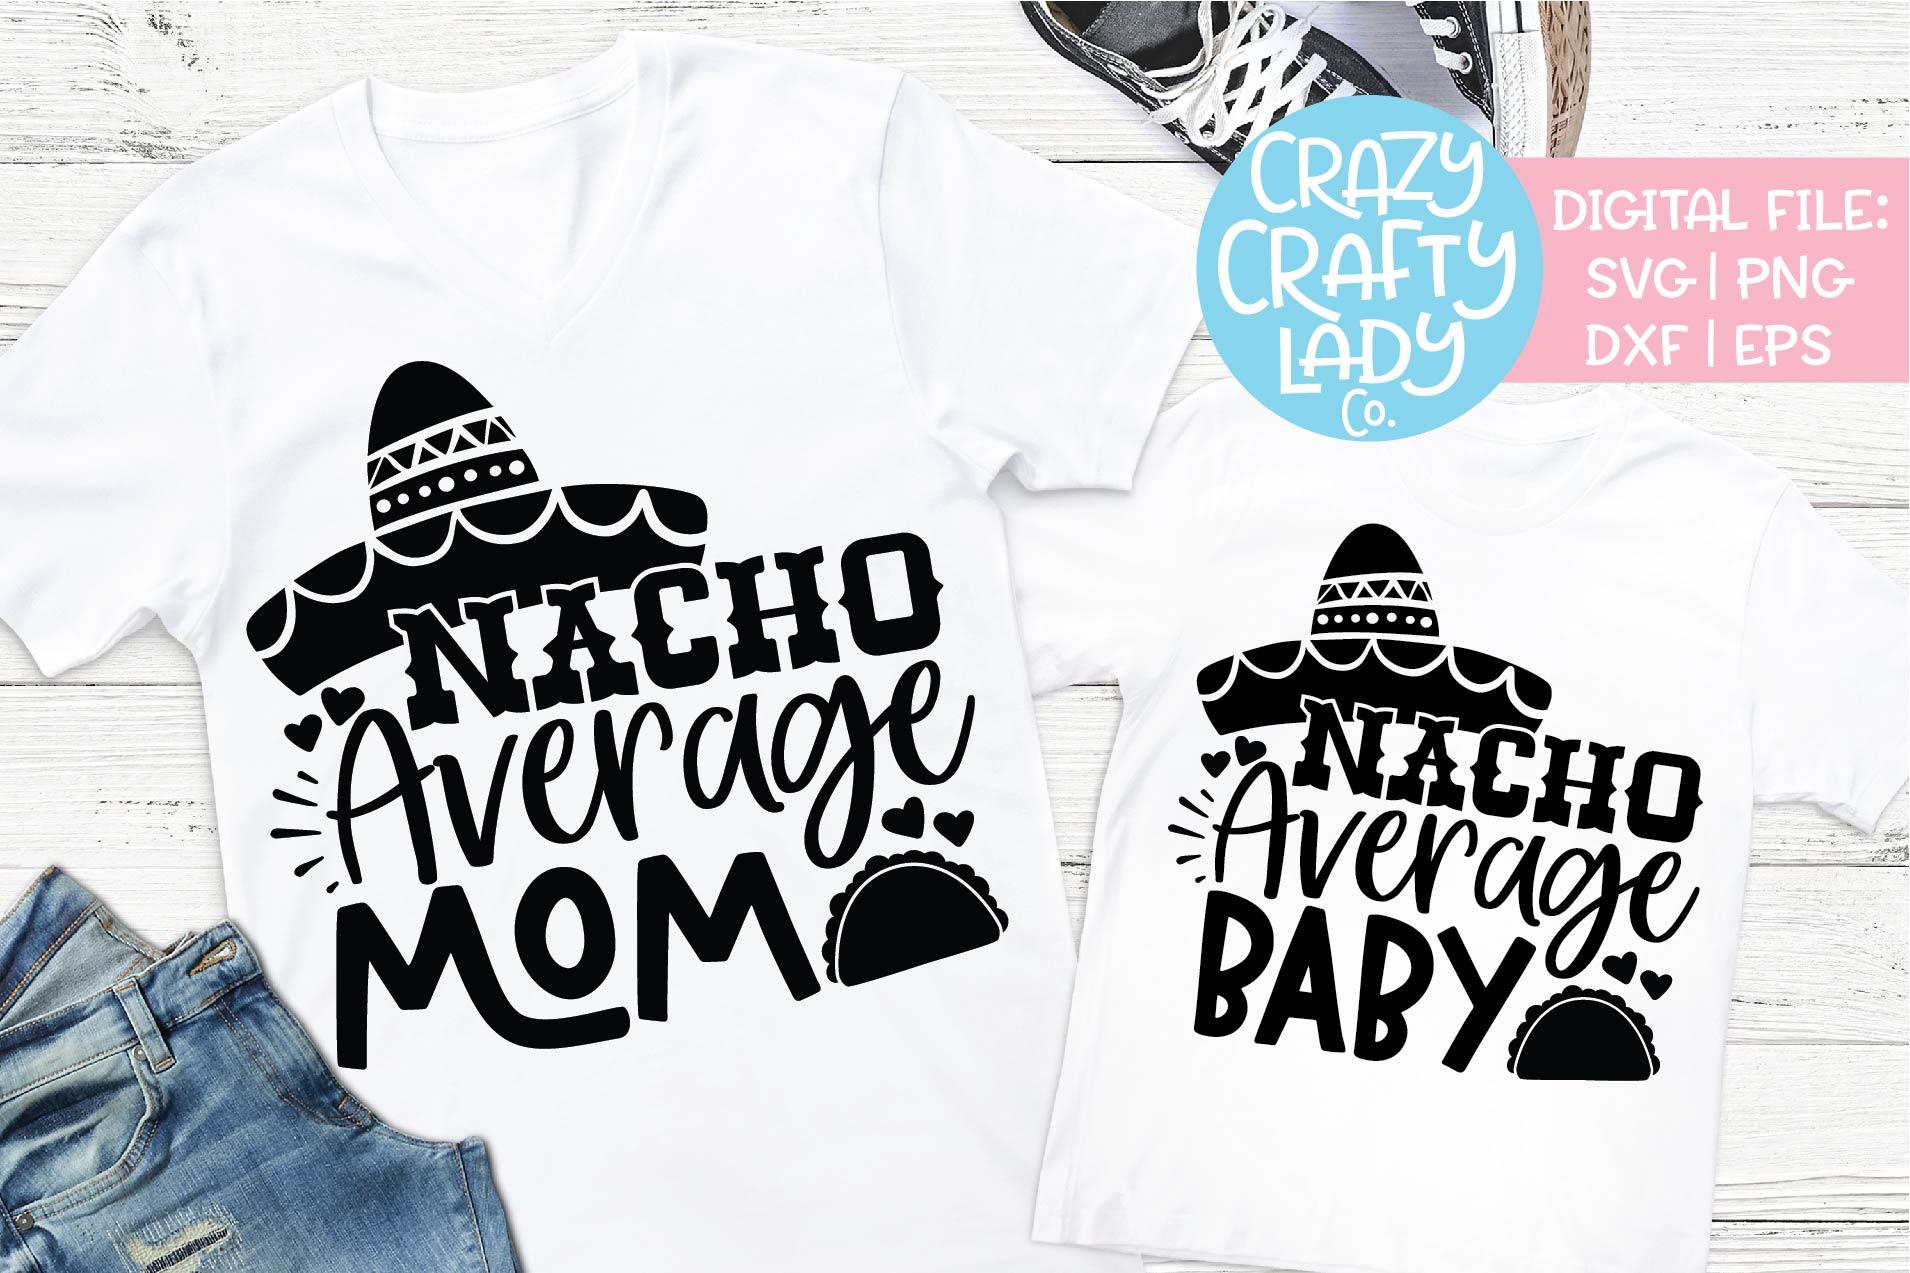 Nacho Average Mom & Baby SVG DXF EPS PNG Cut File Bundle example image 1